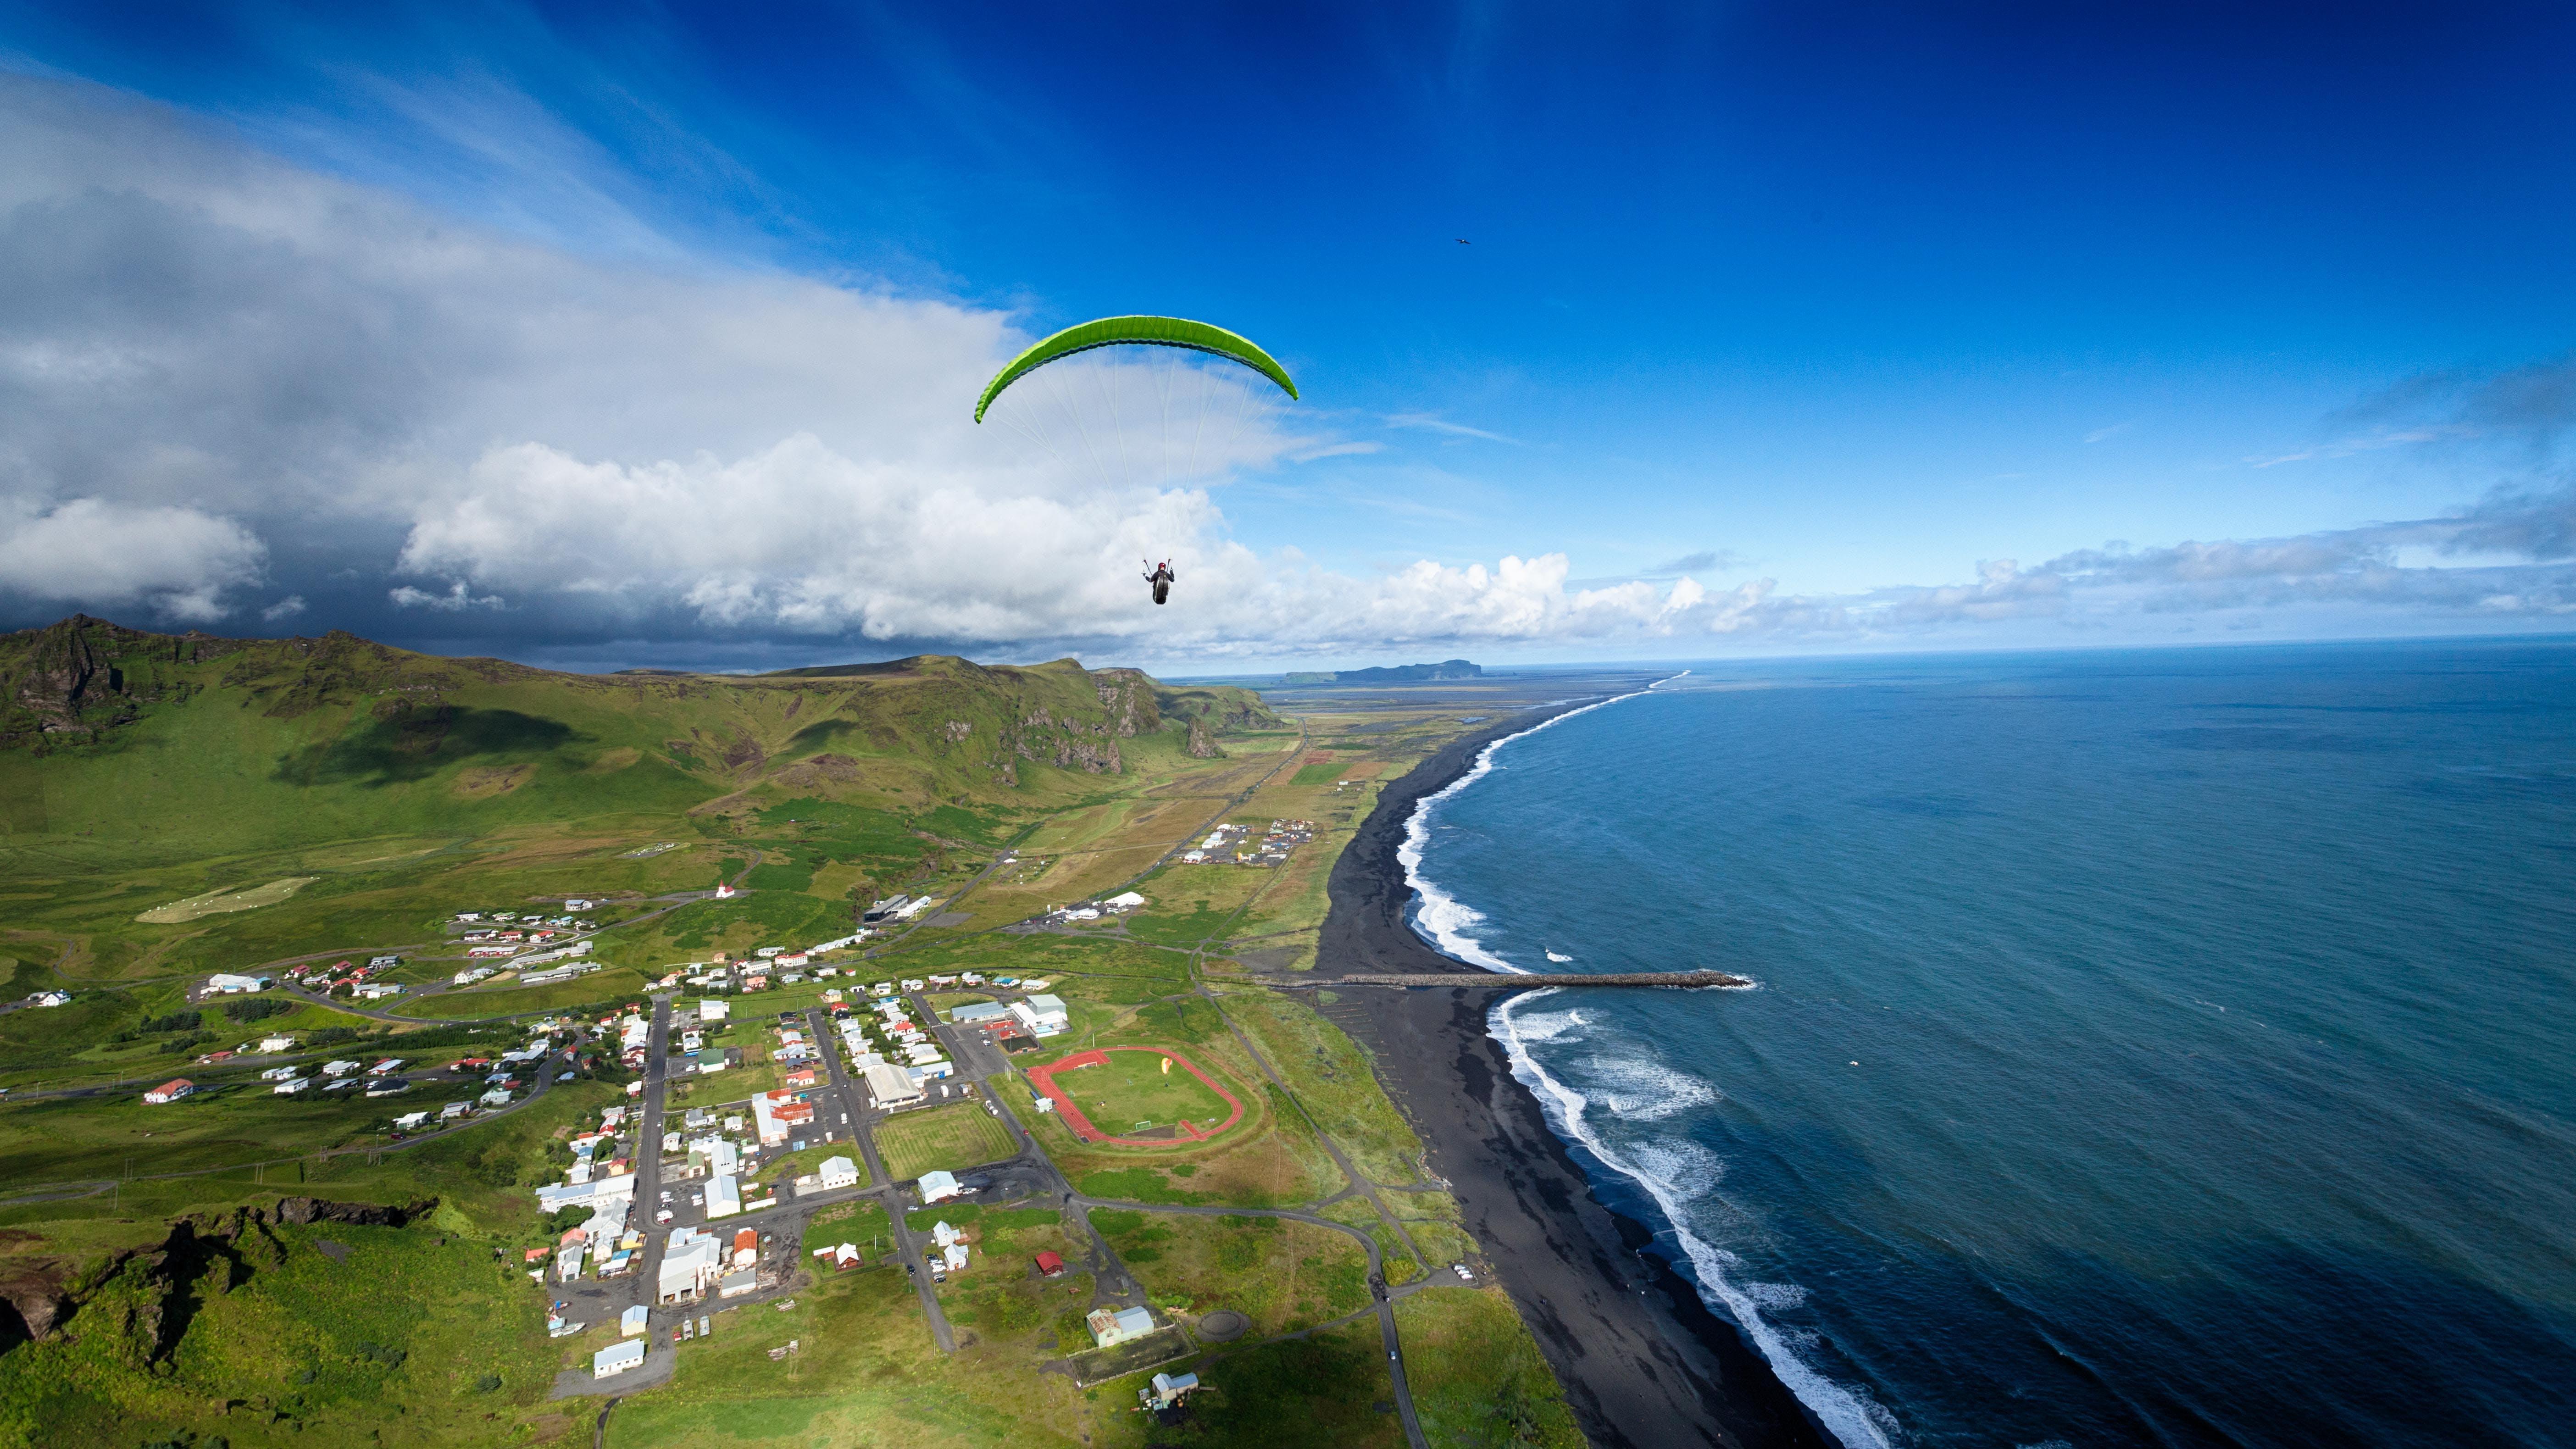 Parapente dans le sud de l'Islande